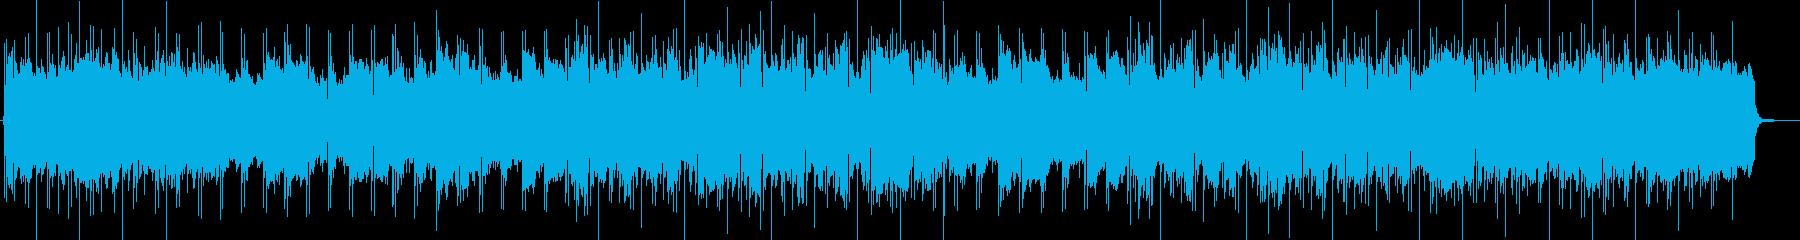 神聖な響きのある合唱団の音楽の再生済みの波形